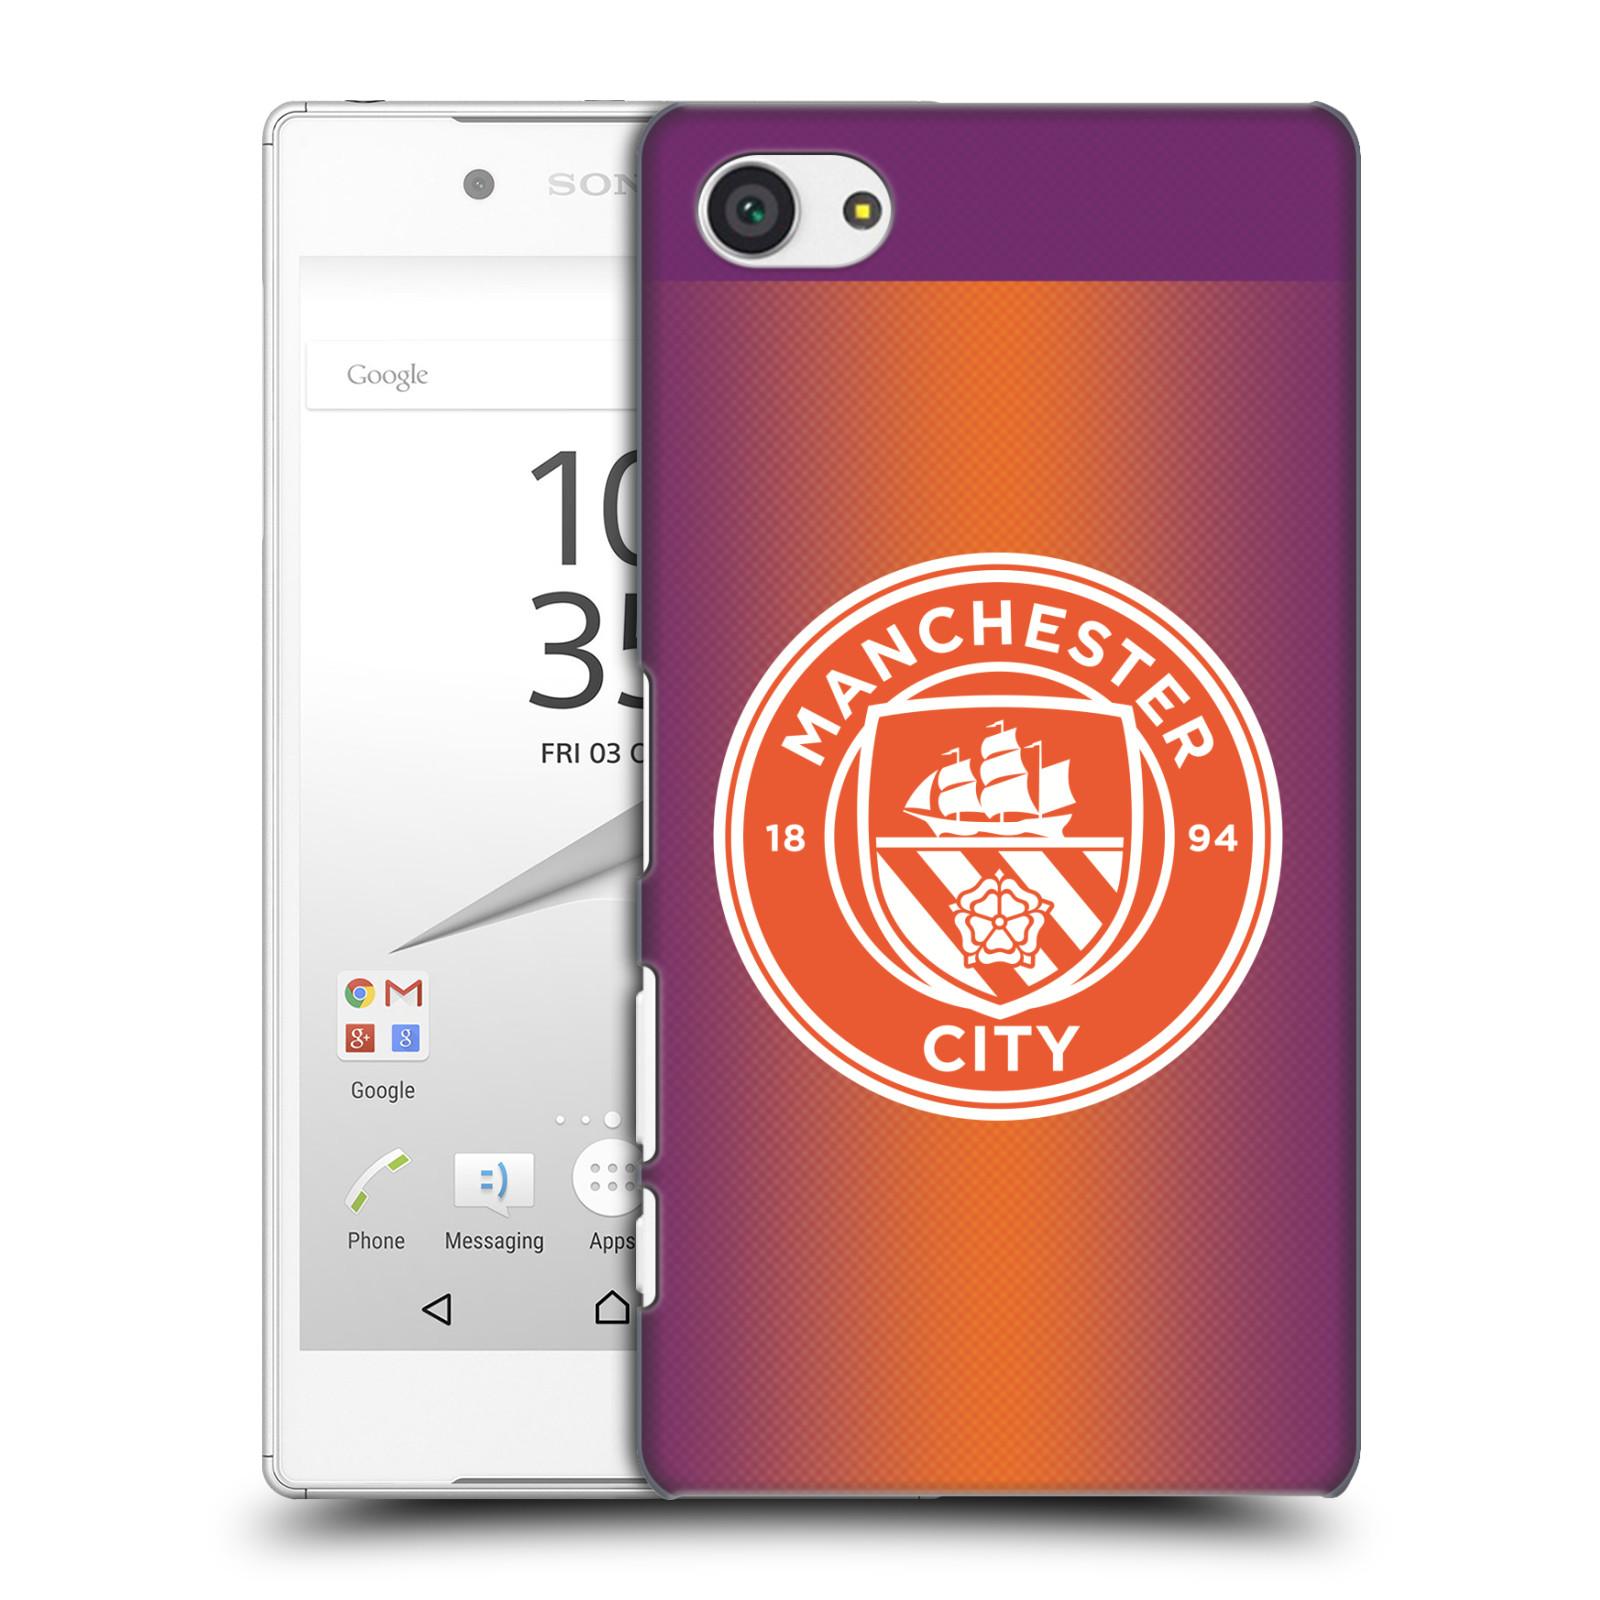 Plastové pouzdro na mobil Sony Xperia Z5 Compact HEAD CASE Manchester City FC - Oranžové nové logo